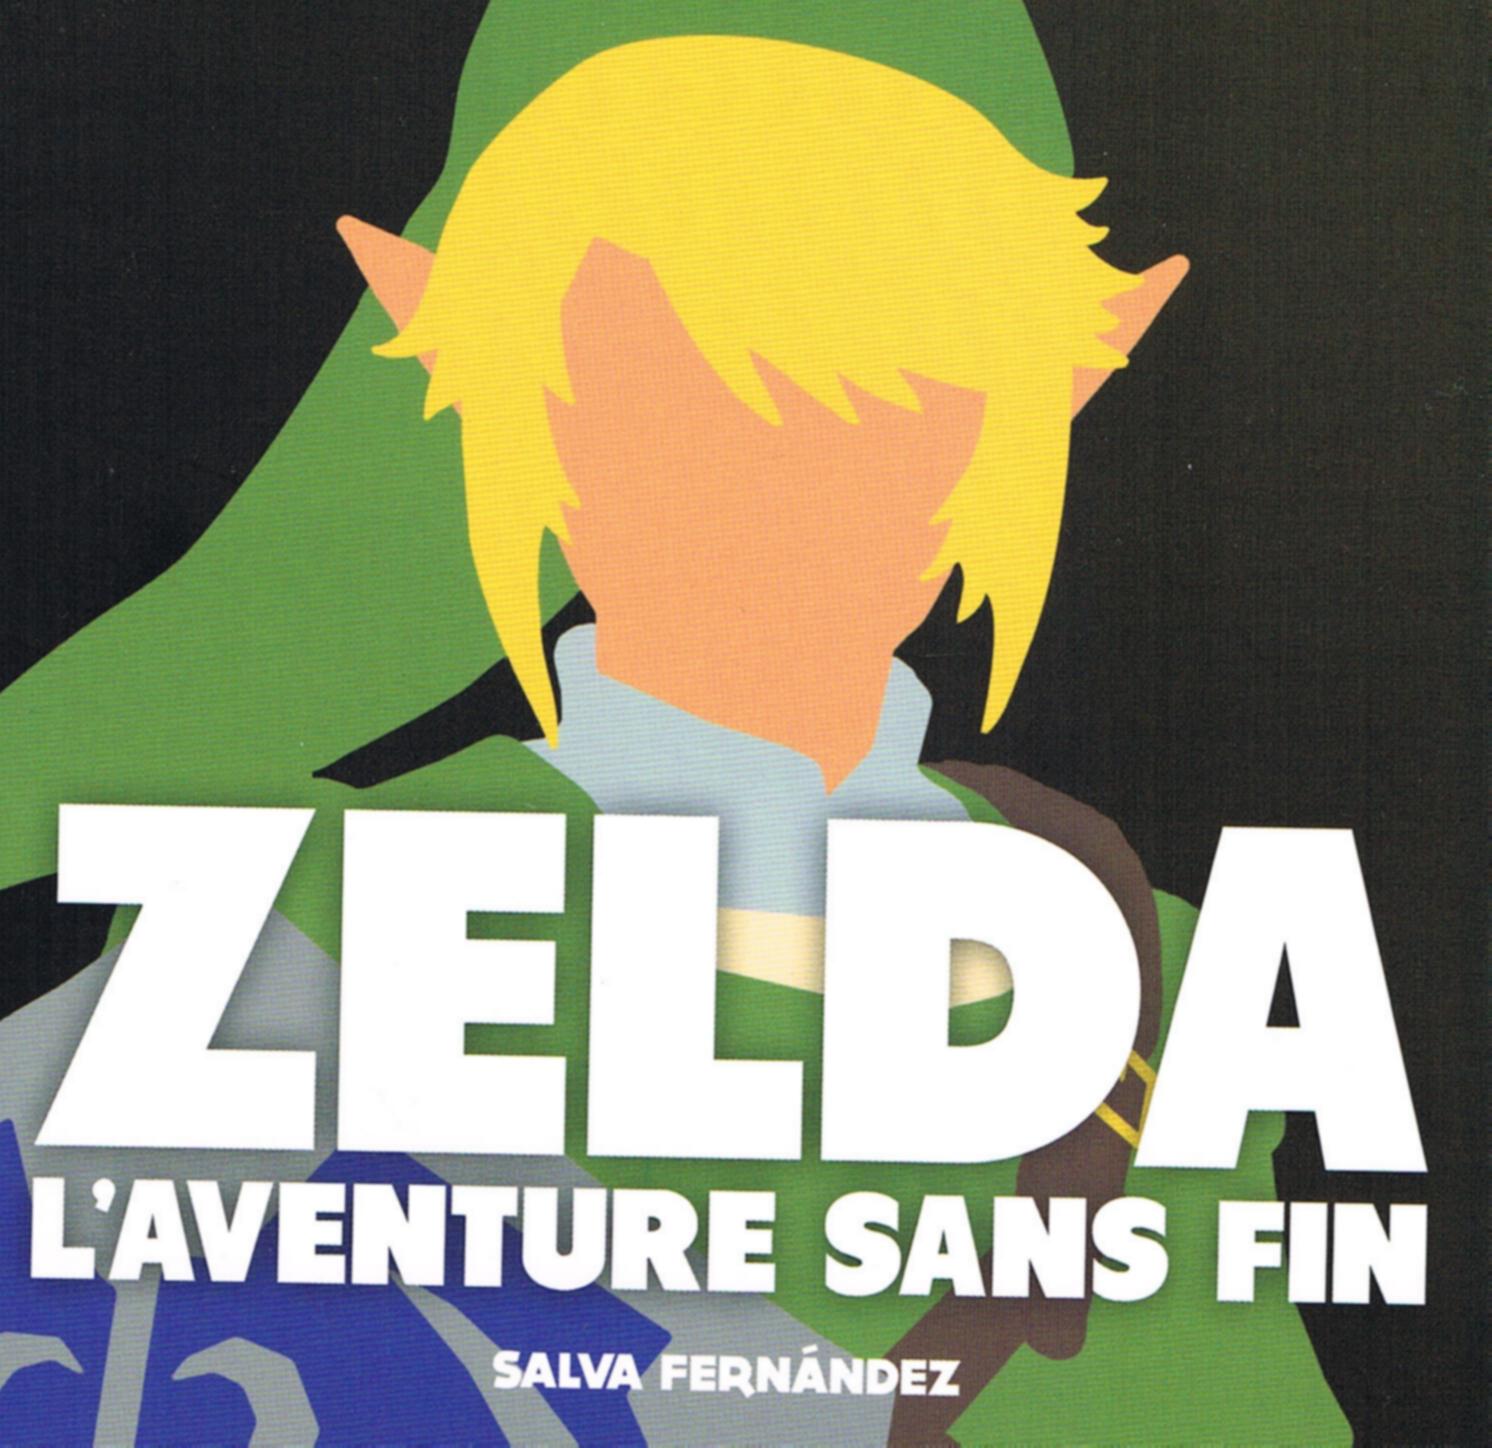 Interview Salva Fernandez Et Zelda Une Aventure Sans Fin